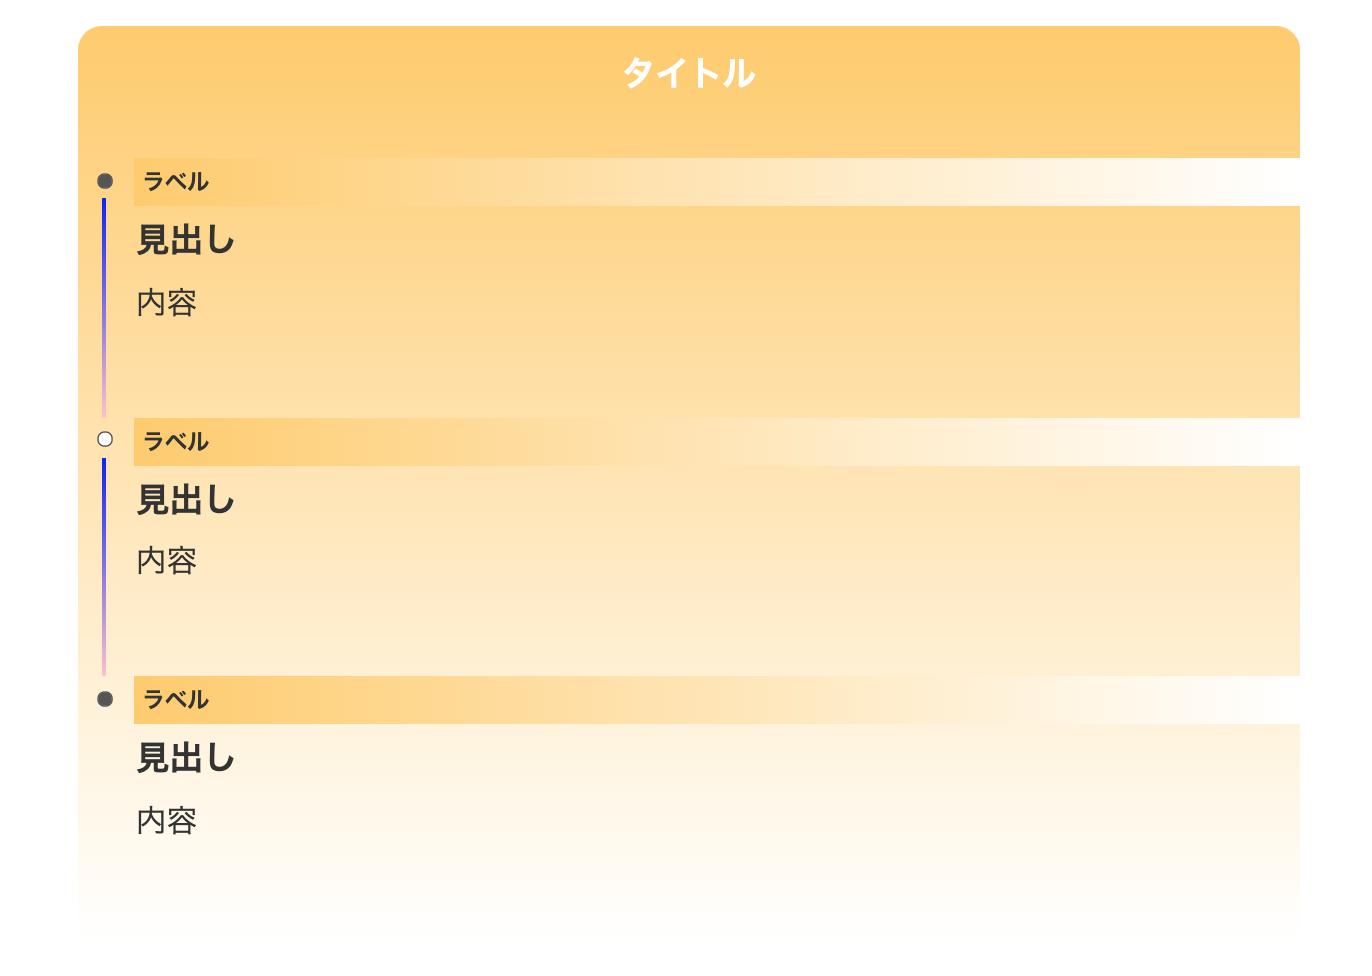 グラデーションタイムライン